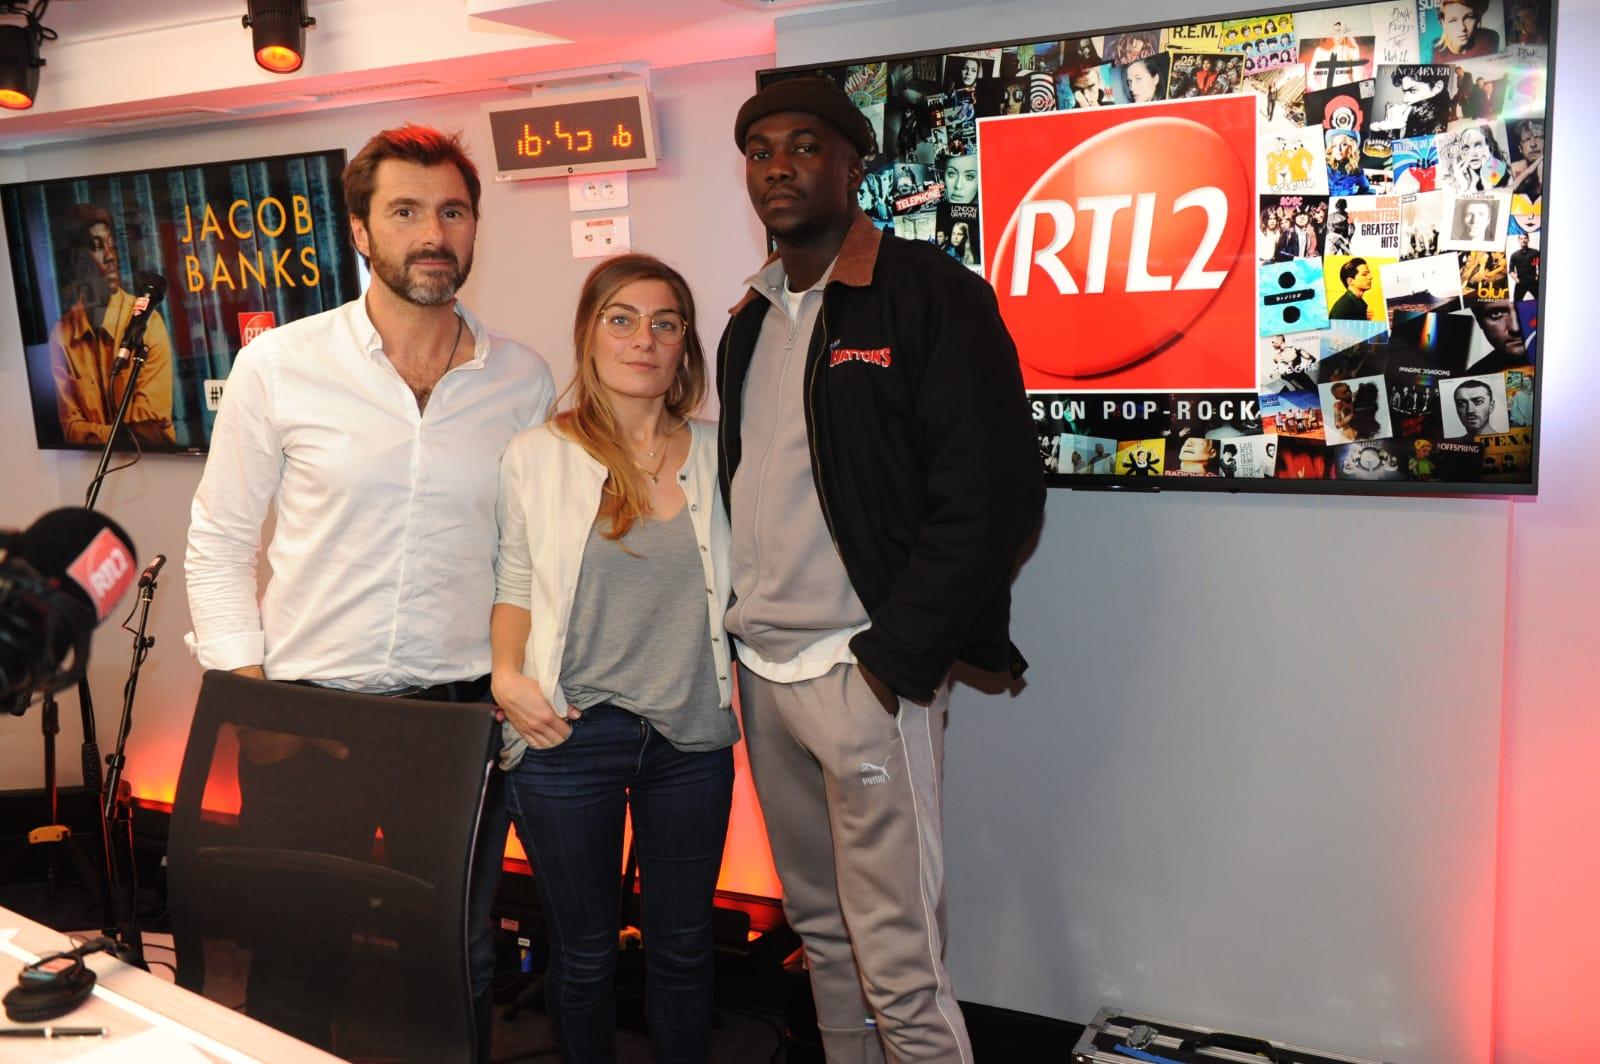 Jacob Banks en compagnie d'Eric Jean et Mathilde Courjeau dans les studios de RTL2